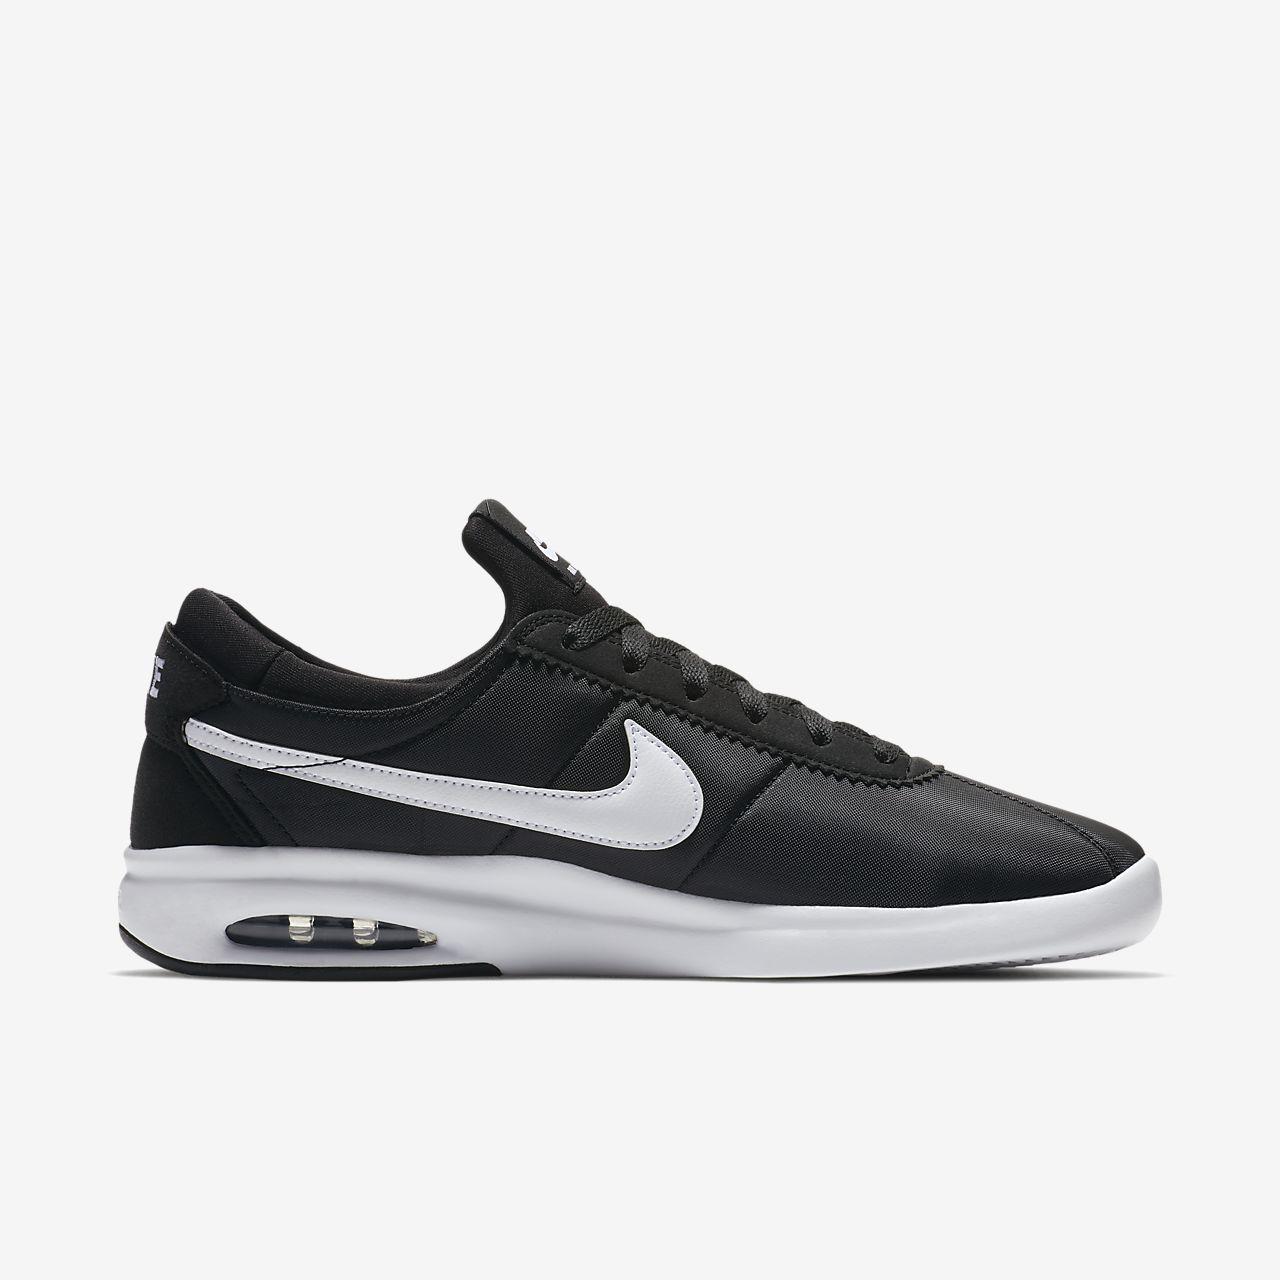 Nike SB Air Max Bruin Vapor Men's Skateboarding Shoes Black/White/Grey vR1432T